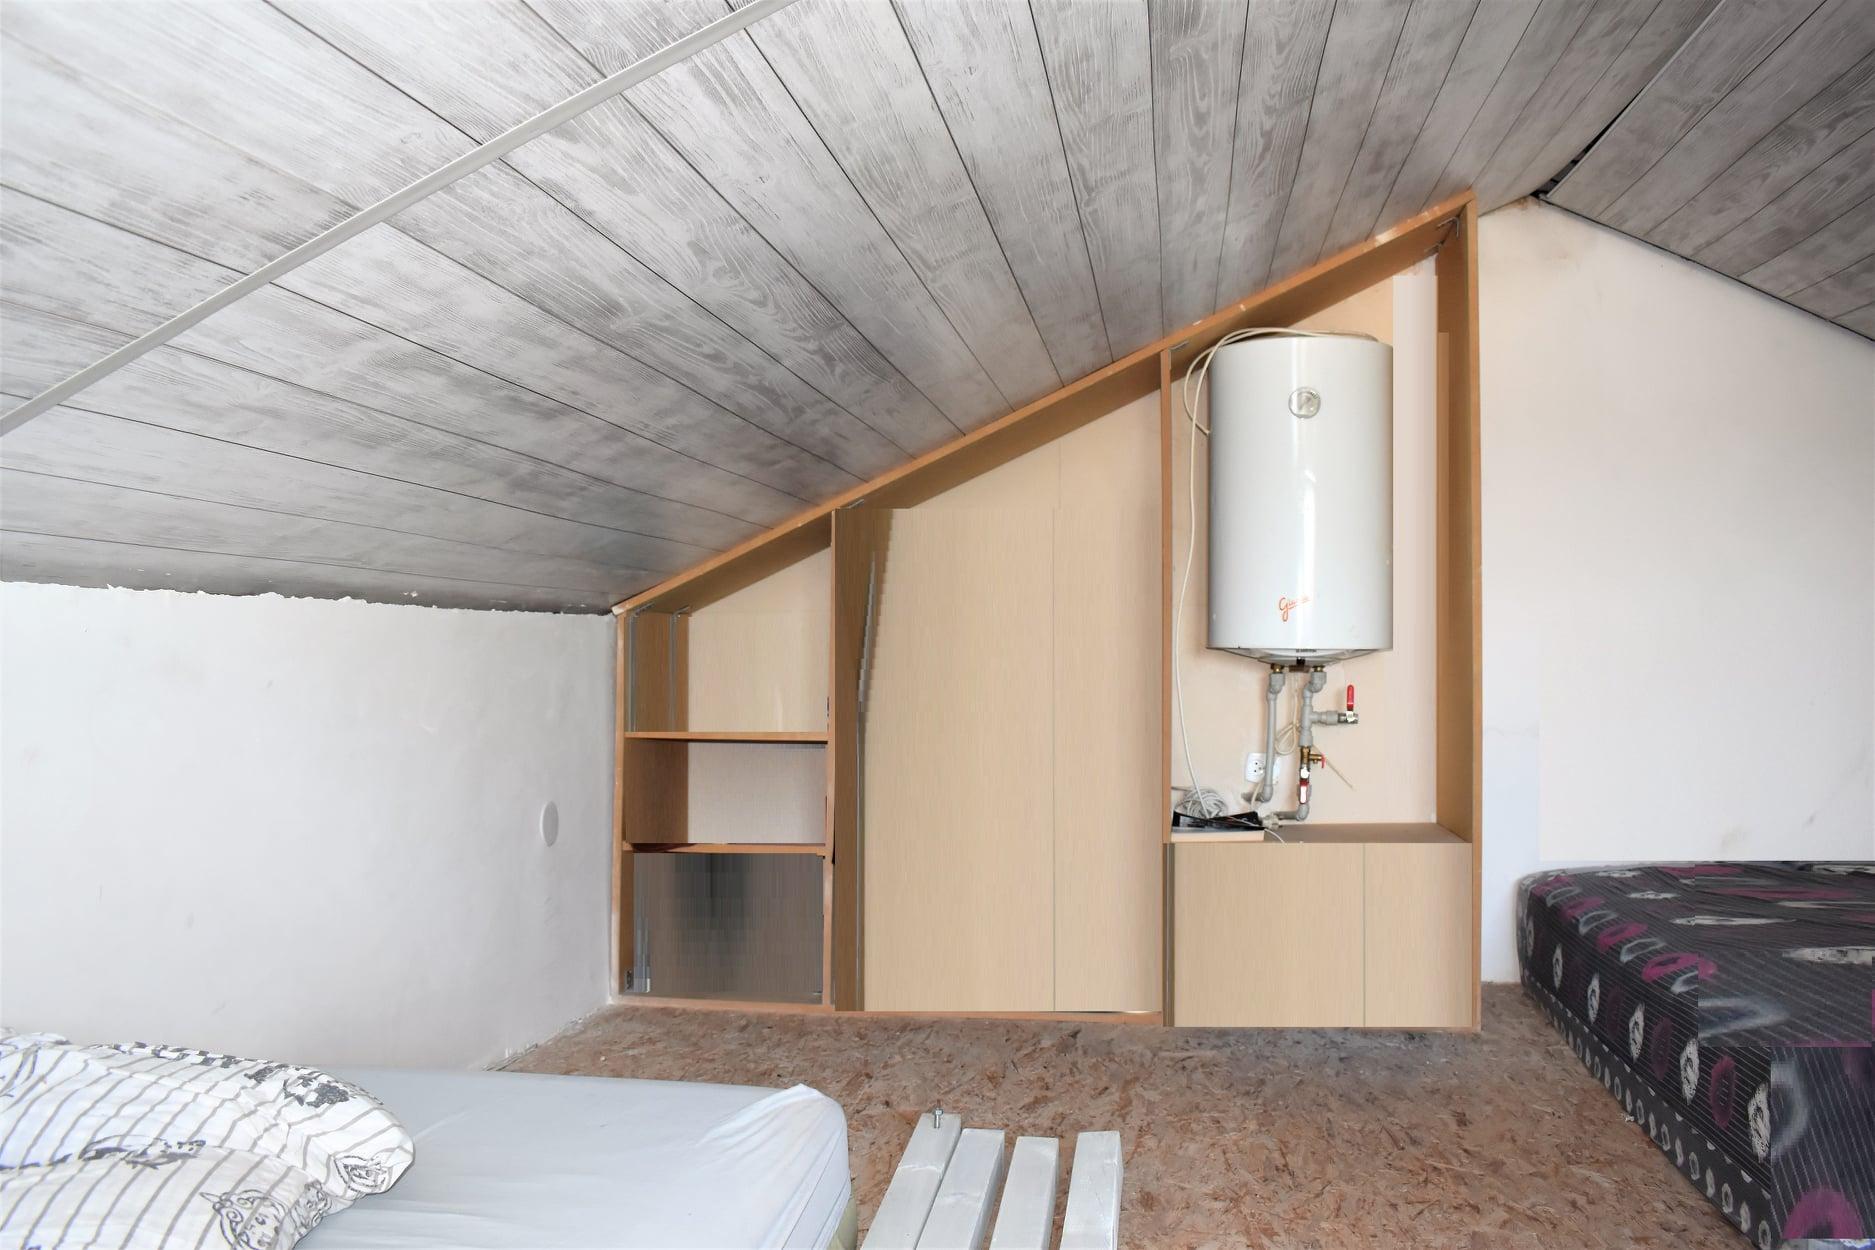 Bedroomssypialnie, ,Działki,Sprzedaż,1096